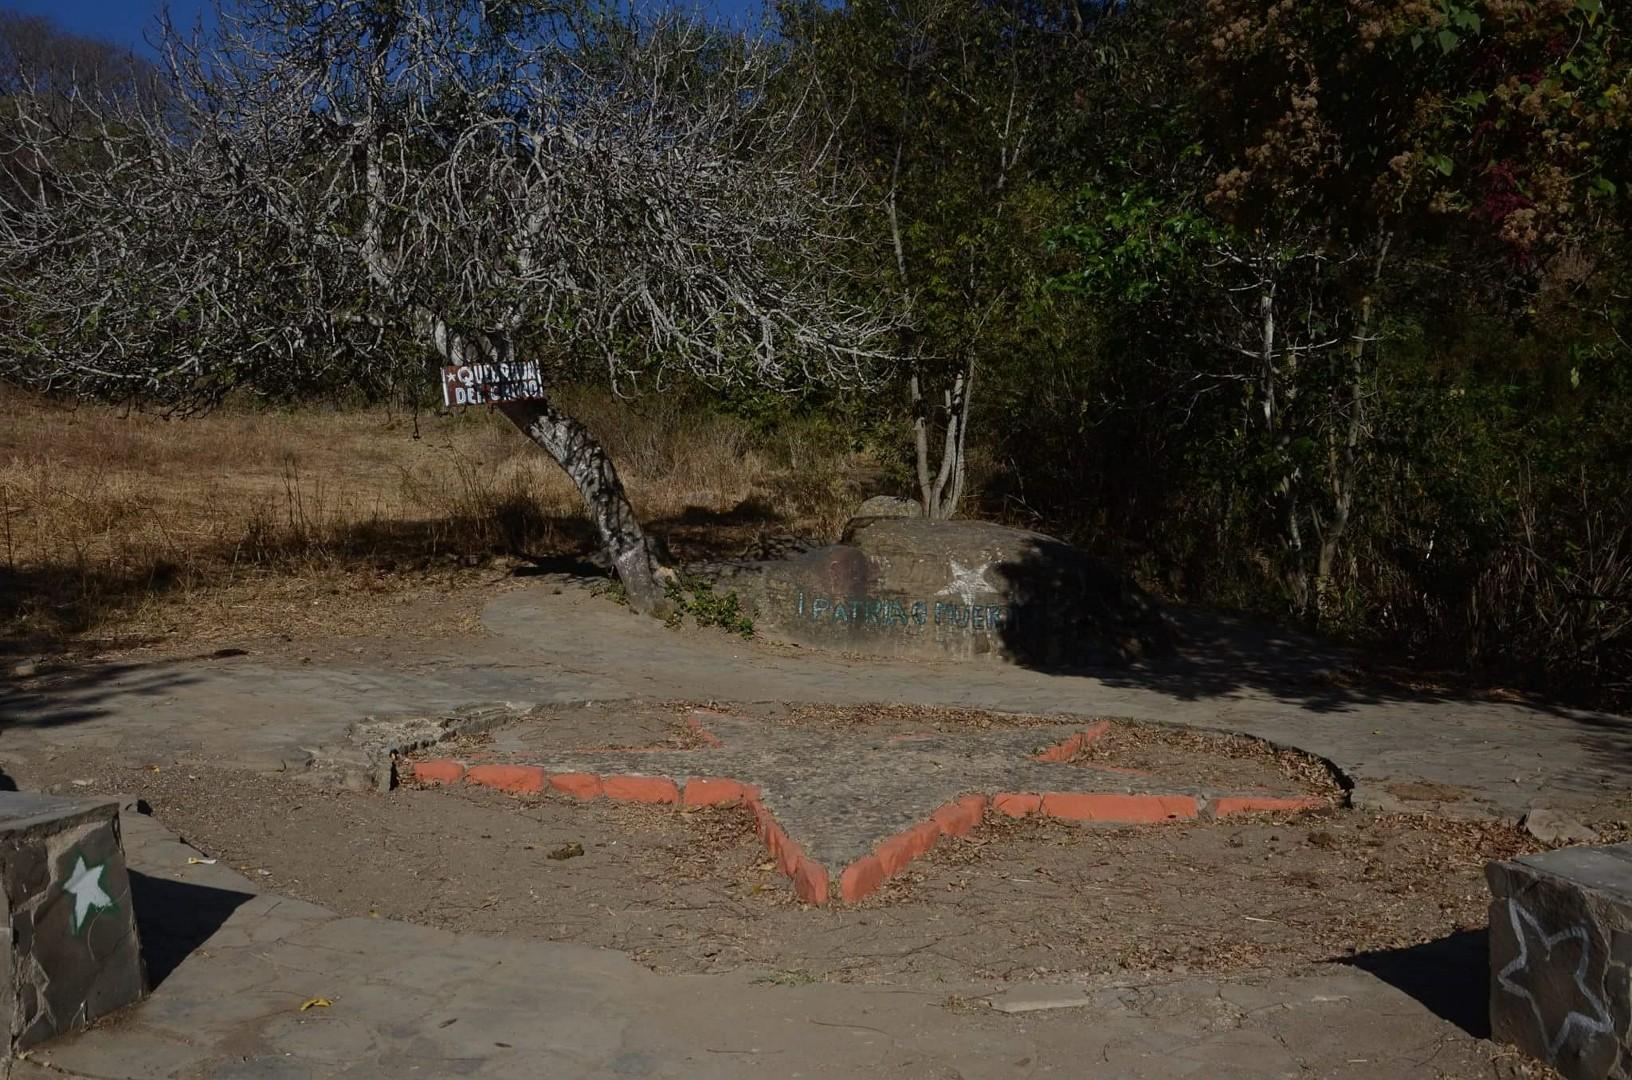 lautaro actis pablocaminante boliva - Ruta del Che 2/2, La Higuera